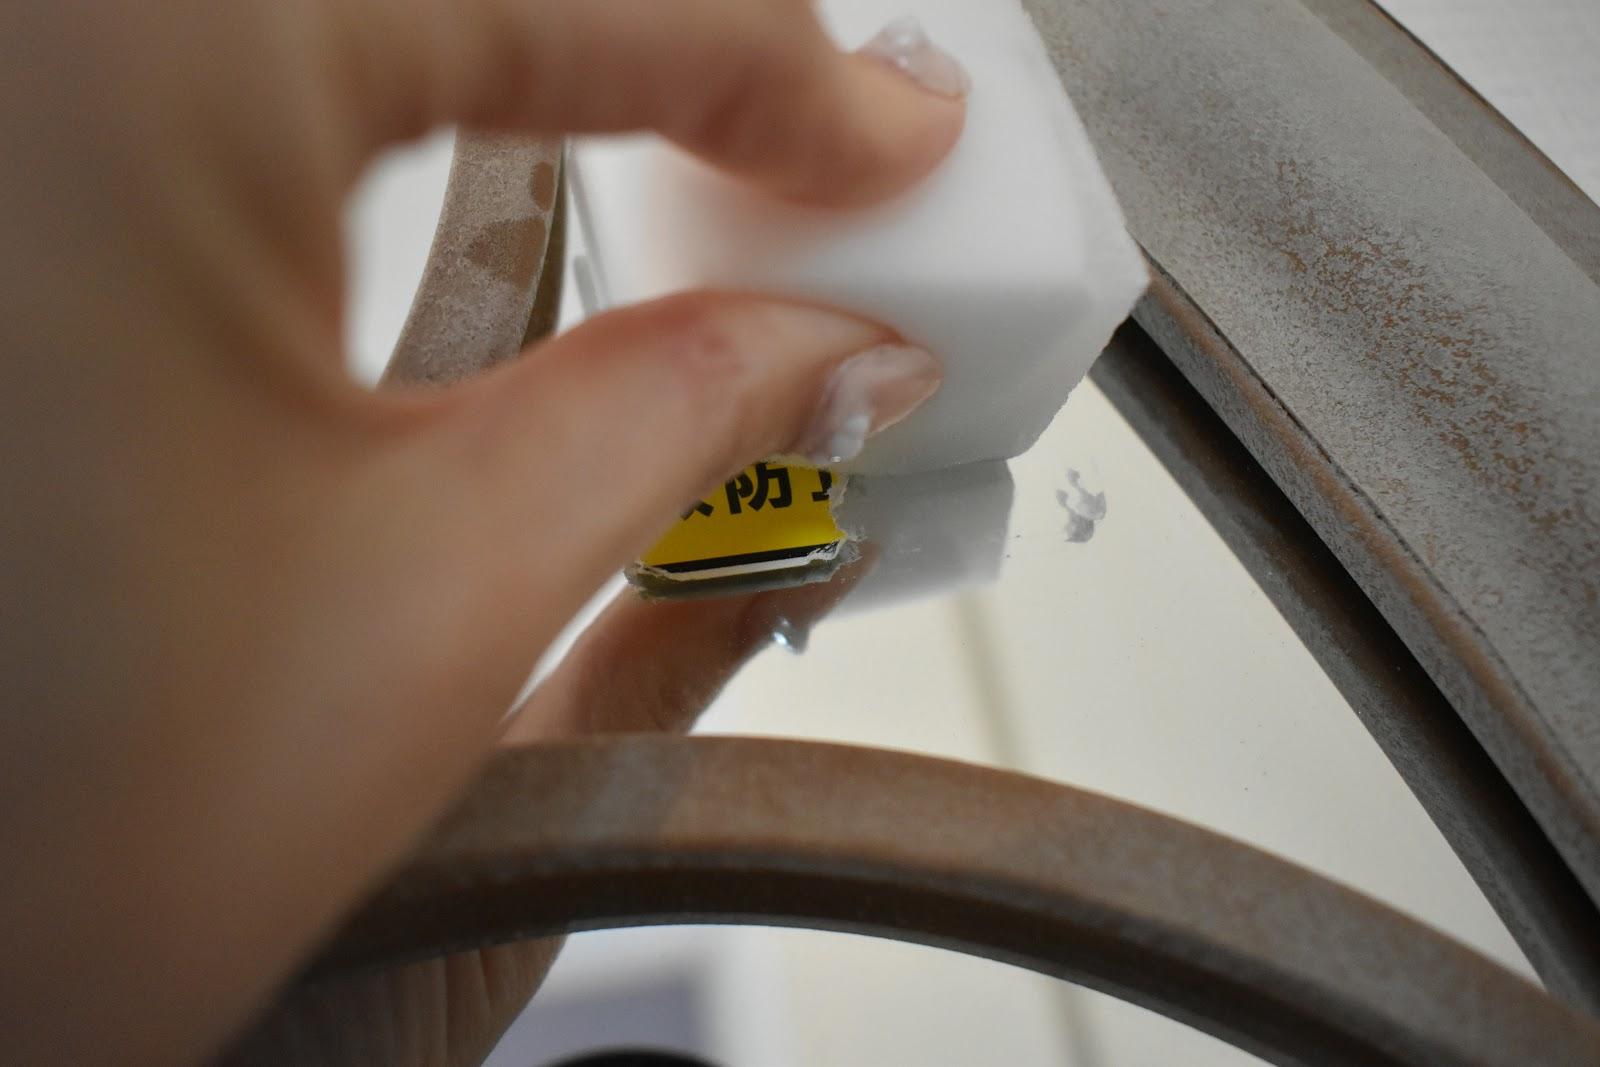 シール本体が残っているところは重曹水を染み込ませてごしごし。